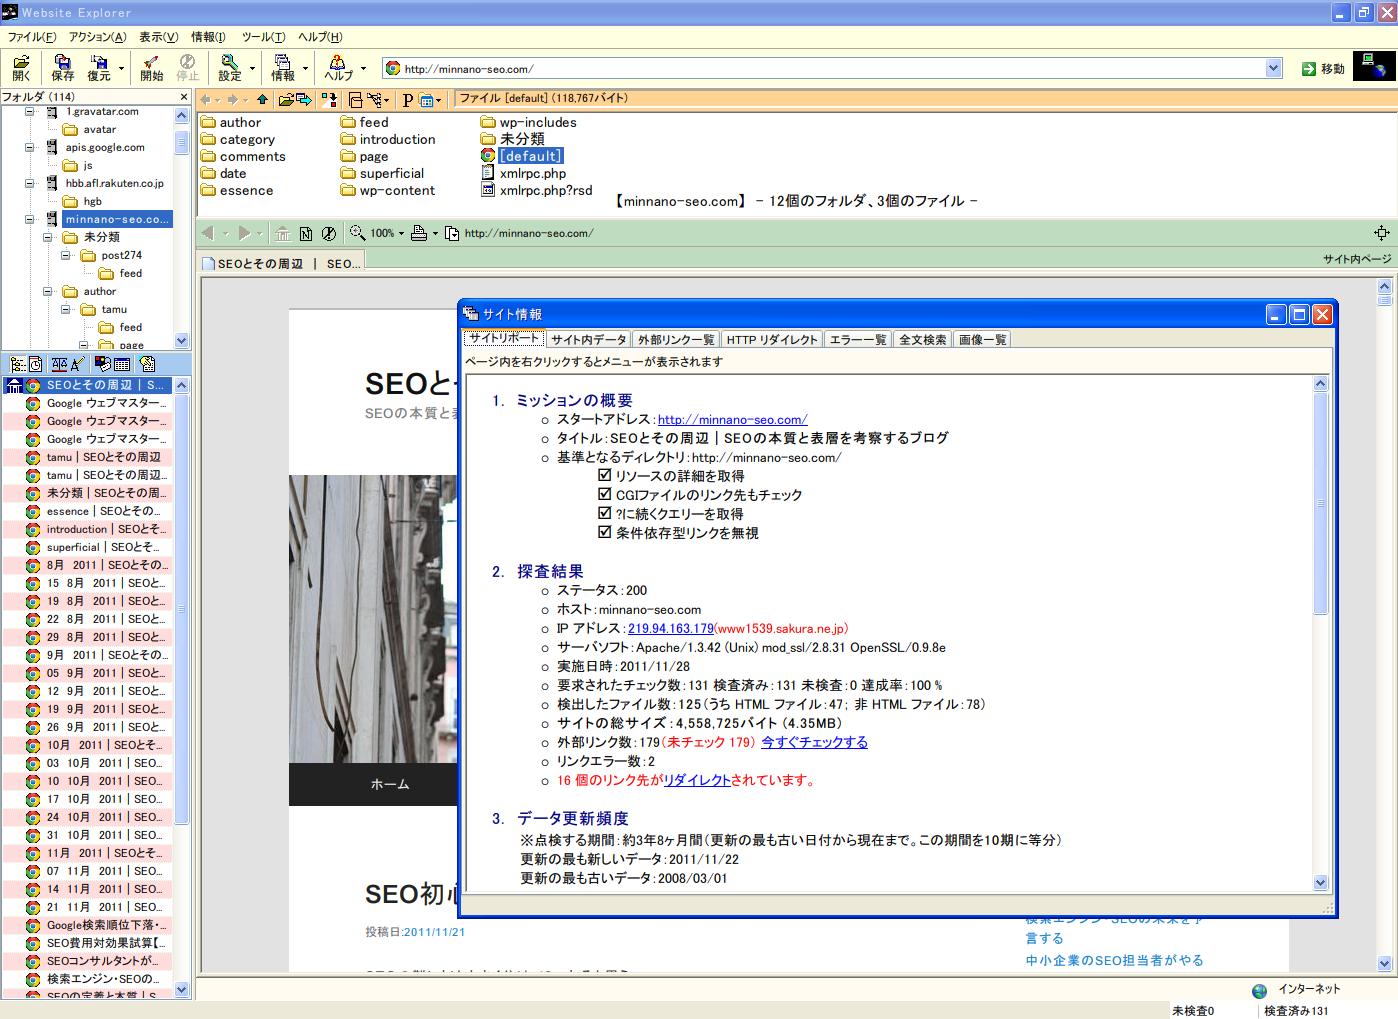 Website Explorerキャプチャイメージ